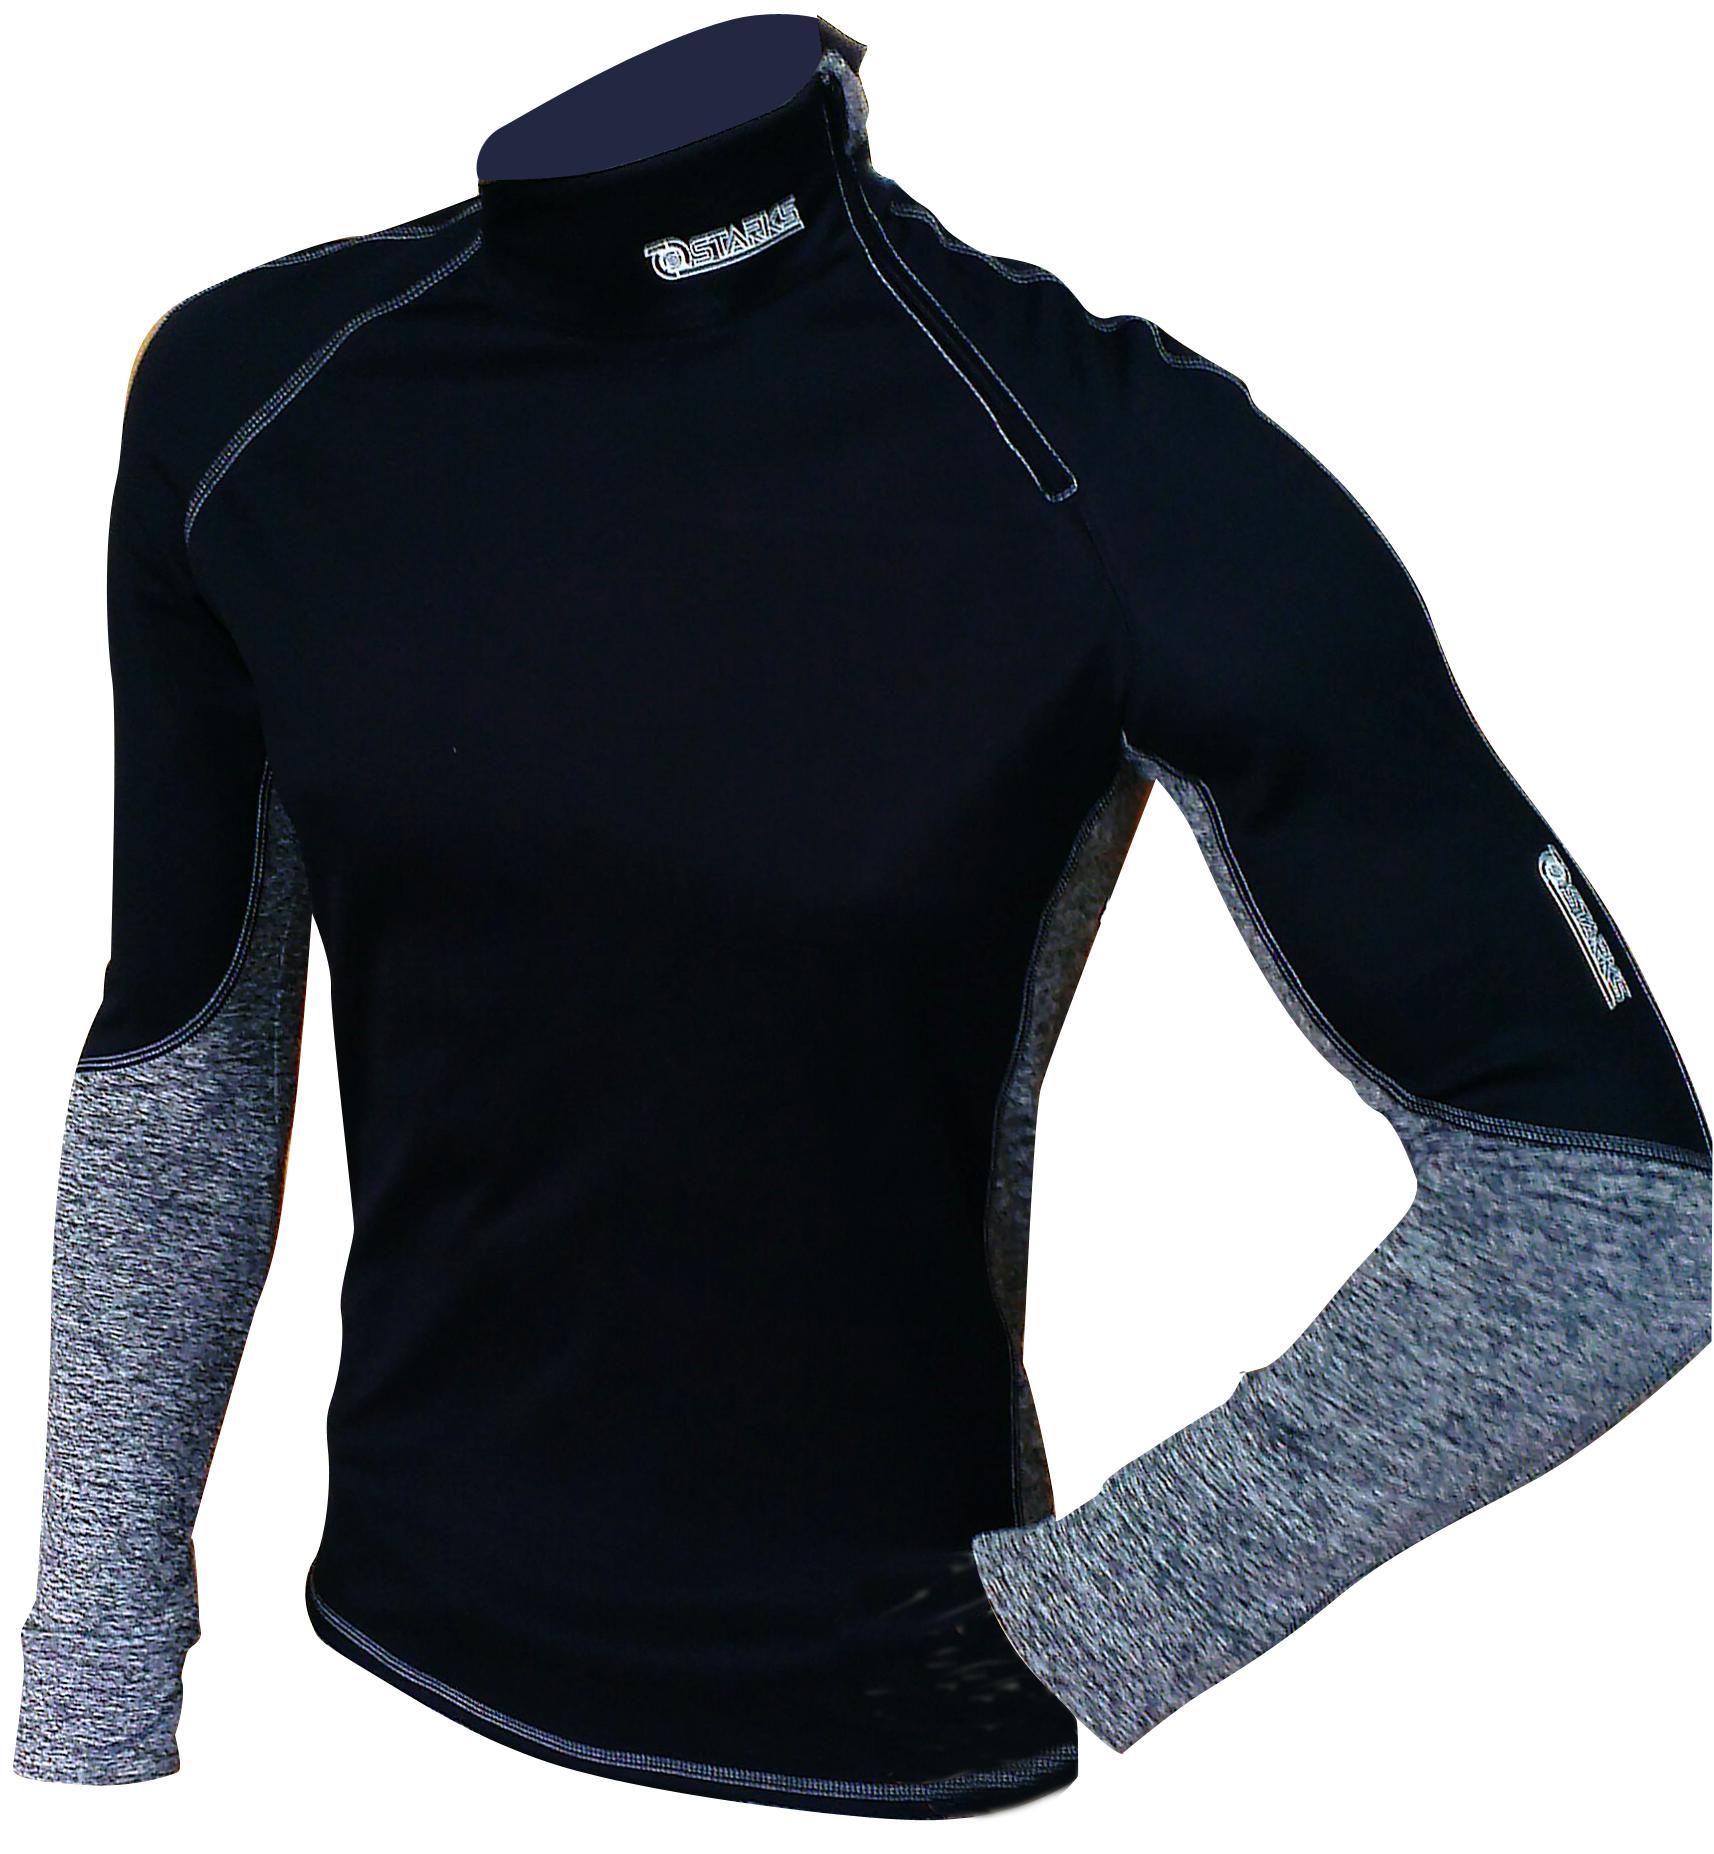 Термобелье кофта Starks Warm Extreme, зимняя, цвет: черный. Размер LЛЦ0024_Lвысокотехнологичное термобелье, гарантированно на 100% не пропускает ветер, хорошо тянется и выпускает влагу наружу. Белье рекомендуется для использования не только спортсменам зимних видов спорта, но и парашютистам, мотоциклистам, велосипедистам -всем кто испытывает дискомфорт при сильном ветре, повышенной влажности. Анатомическое, выполнено из Европейской сертифицированной ткани Polarstretchи Windstopper. Высокие эластичные свойства материала позволяют белью максимально повторять индивидуальную анатомию тела. Отличные влагоотводящие свойства, позволяют телу оставаться сухим. Термоизоляционные свойства, позволяют исключить переохлаждение или перегрев. Воротник стойка обеспечивает защиту шеи от холода. Молния -легкое одевание кофты. Особенности: STOP BACTERIA-Ткань с ионами серебра, предотвращает образование и развитие бактерий. Исключено образование запаха. Защита от перегрева или переохлаждения Система мягких и плоских швов Гипоаллергенно Состав:...